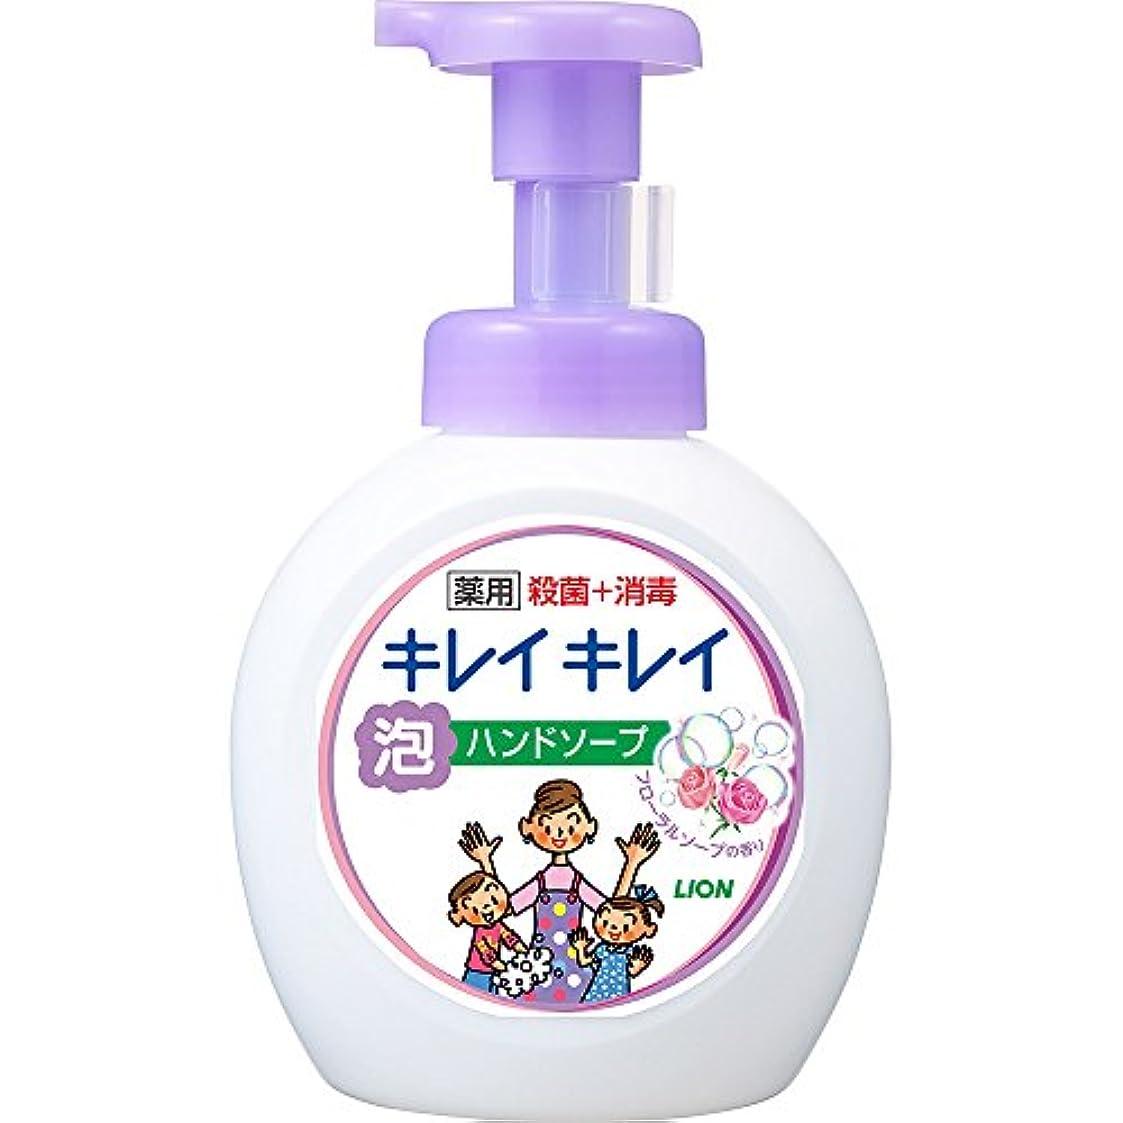 一般的に社交的差別的キレイキレイ 薬用 泡ハンドソープ フローラルソープの香り 本体ポンプ 大型サイズ 500ml(医薬部外品)